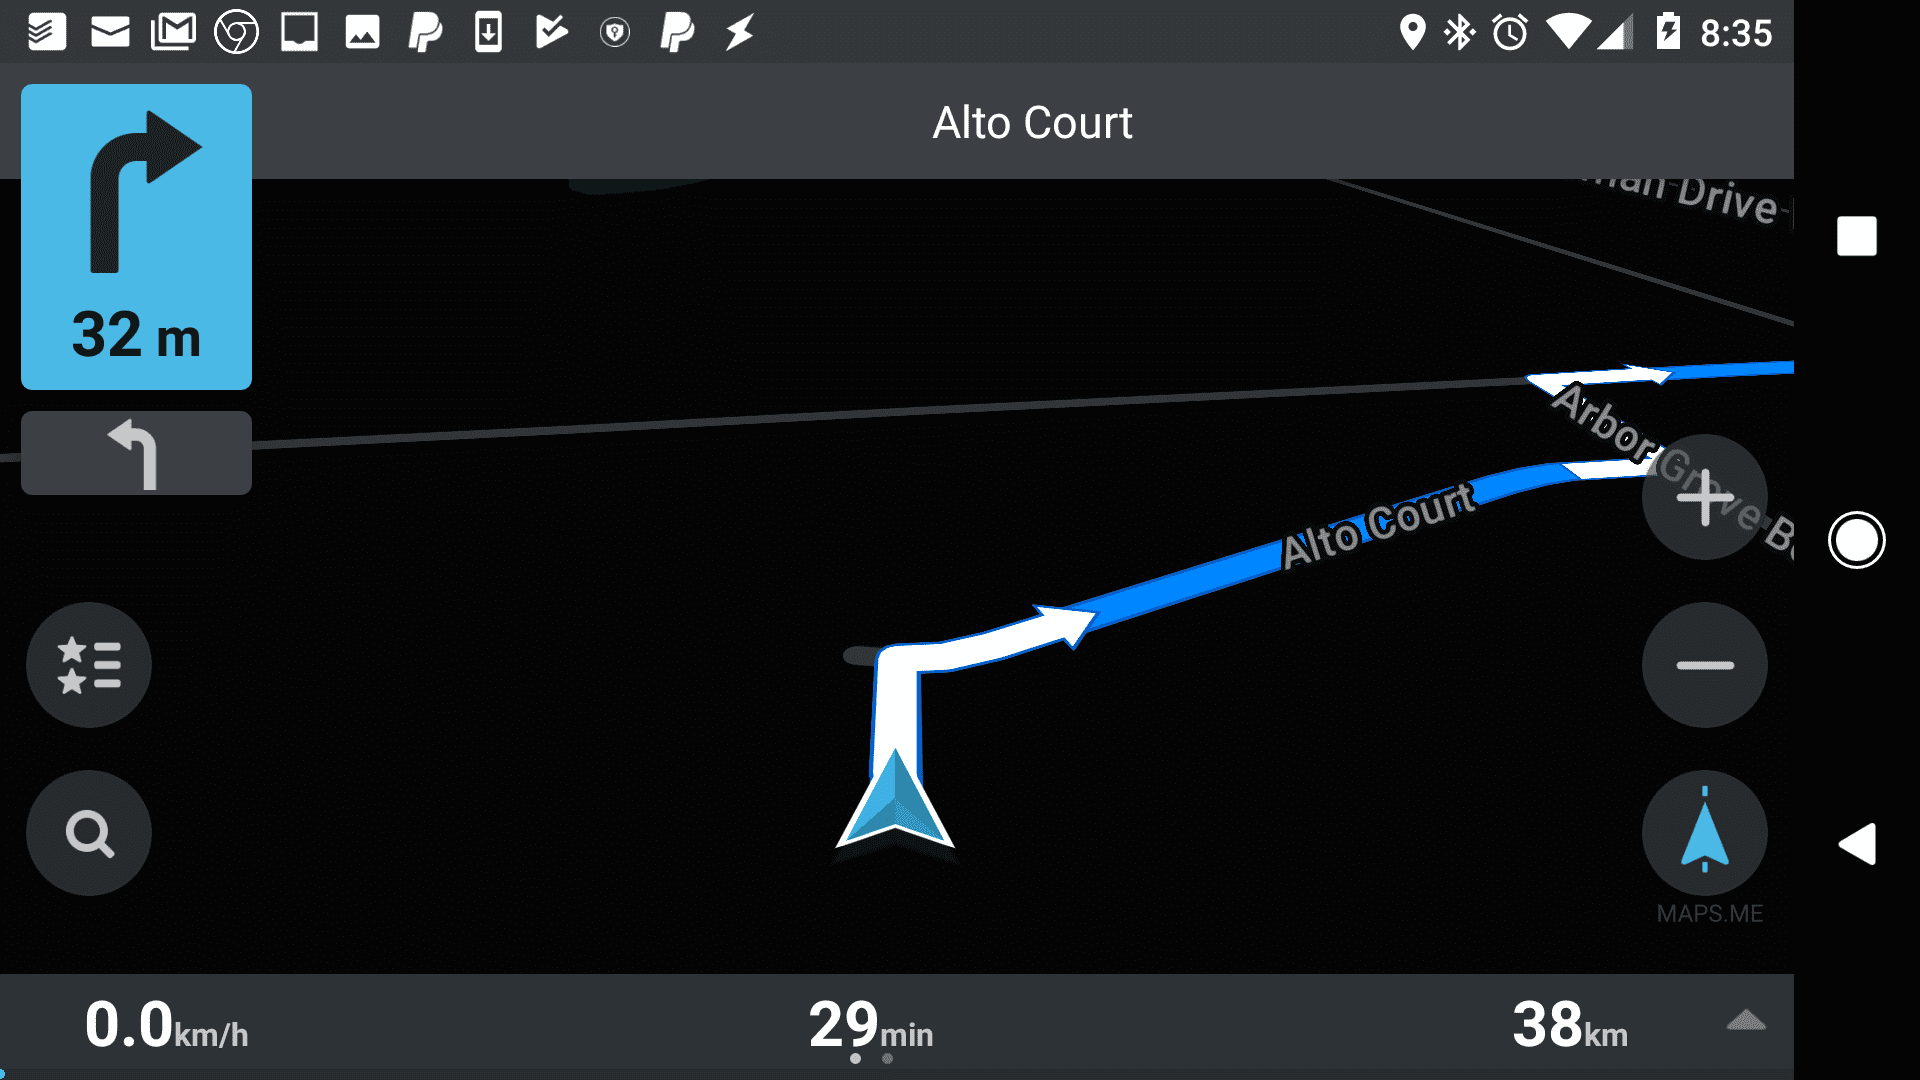 Screenshot of Offline Apps and Navigation driving screen